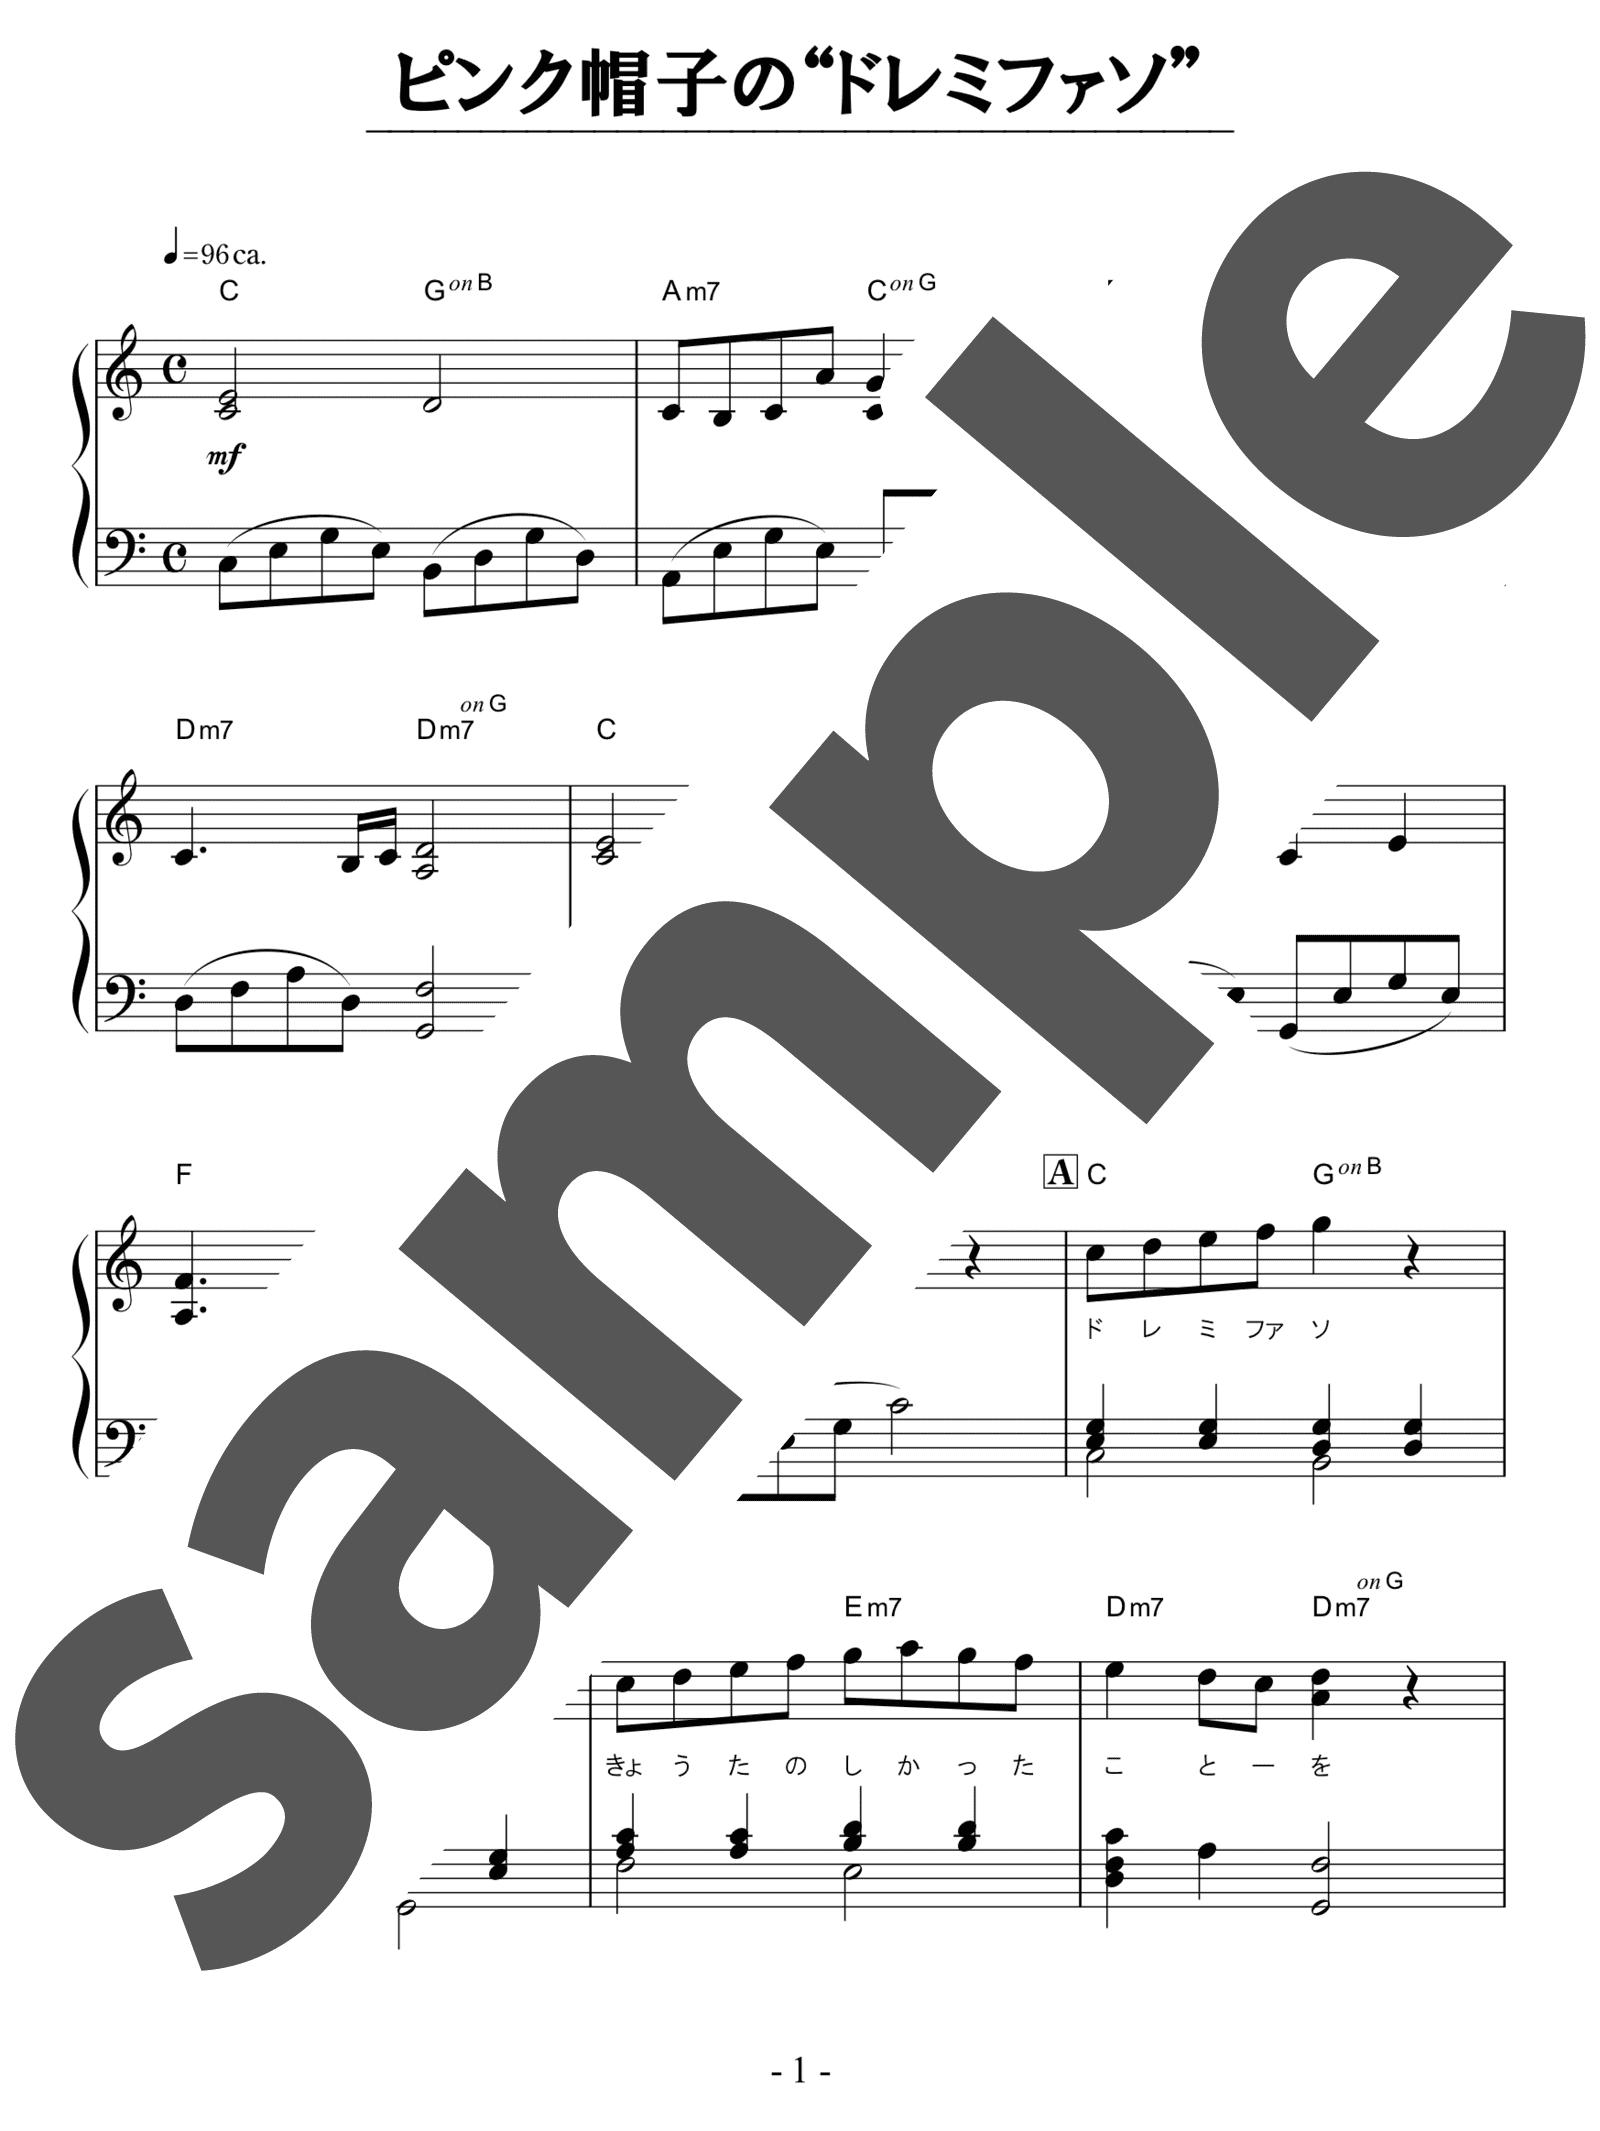 """「ピンク帽子の""""ドレミファソ""""」のサンプル楽譜"""